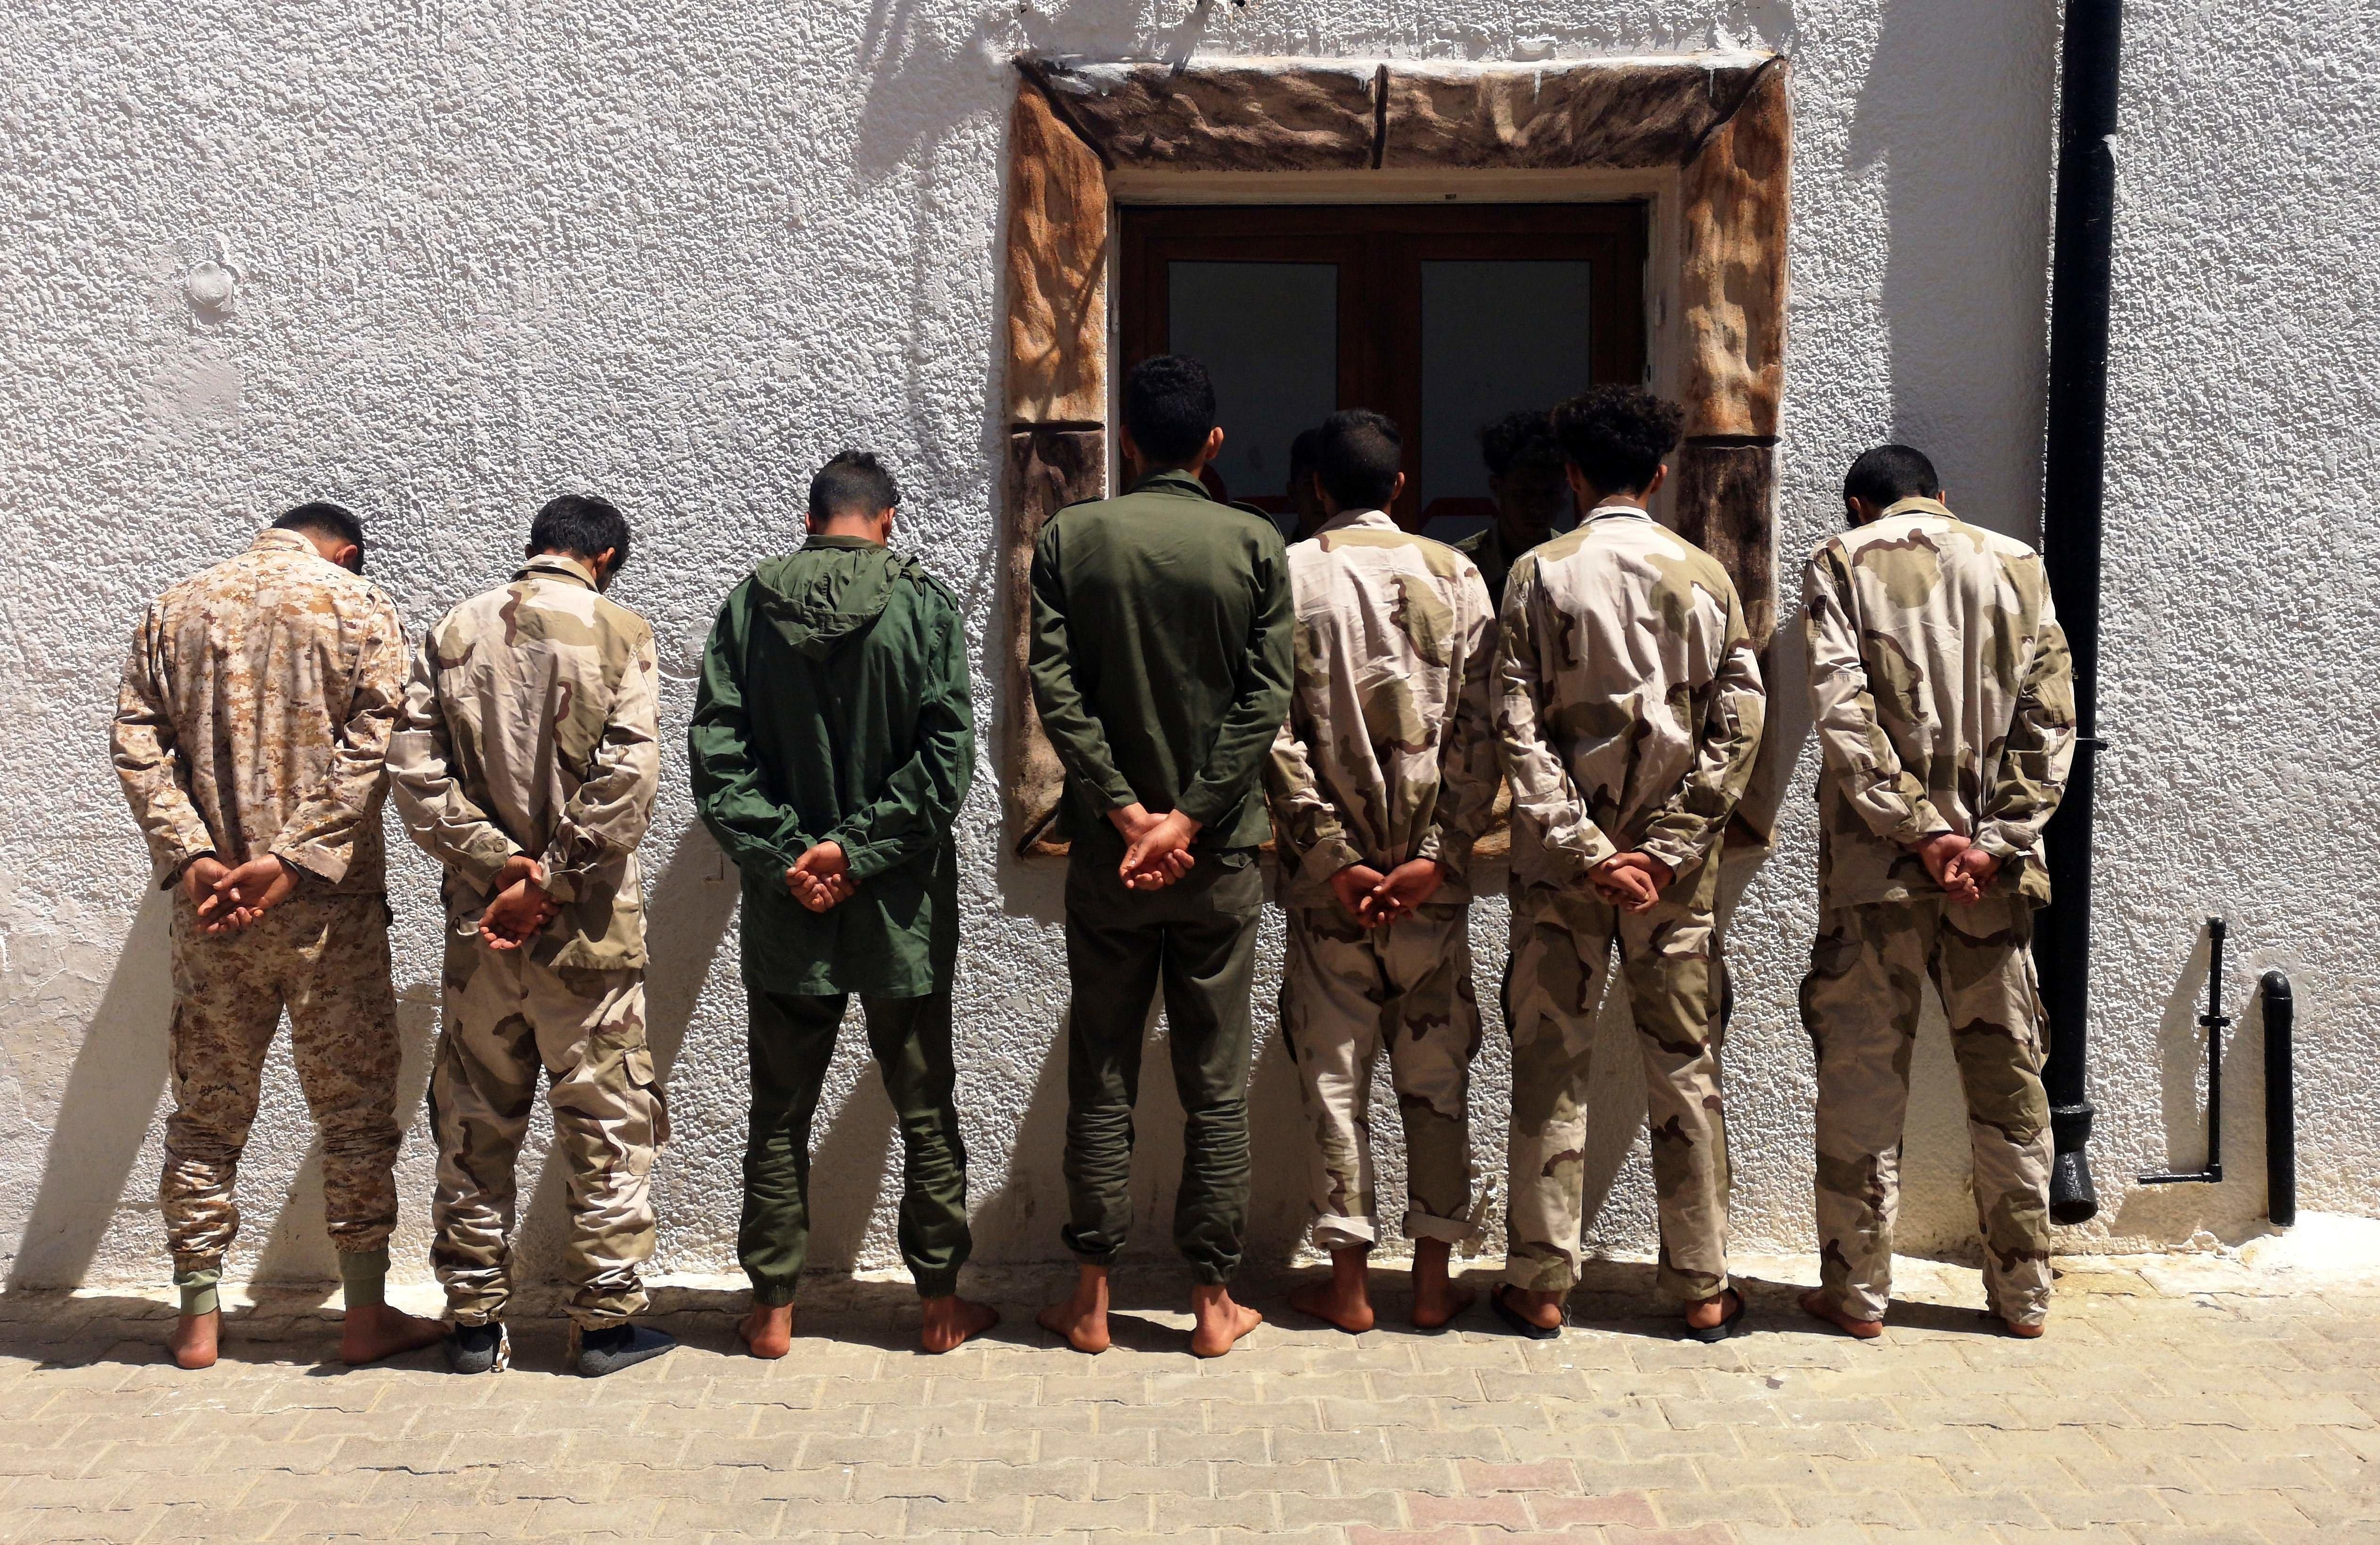 Λιβύη: Κροταλίζουν τα όπλα σε συνοικίες της